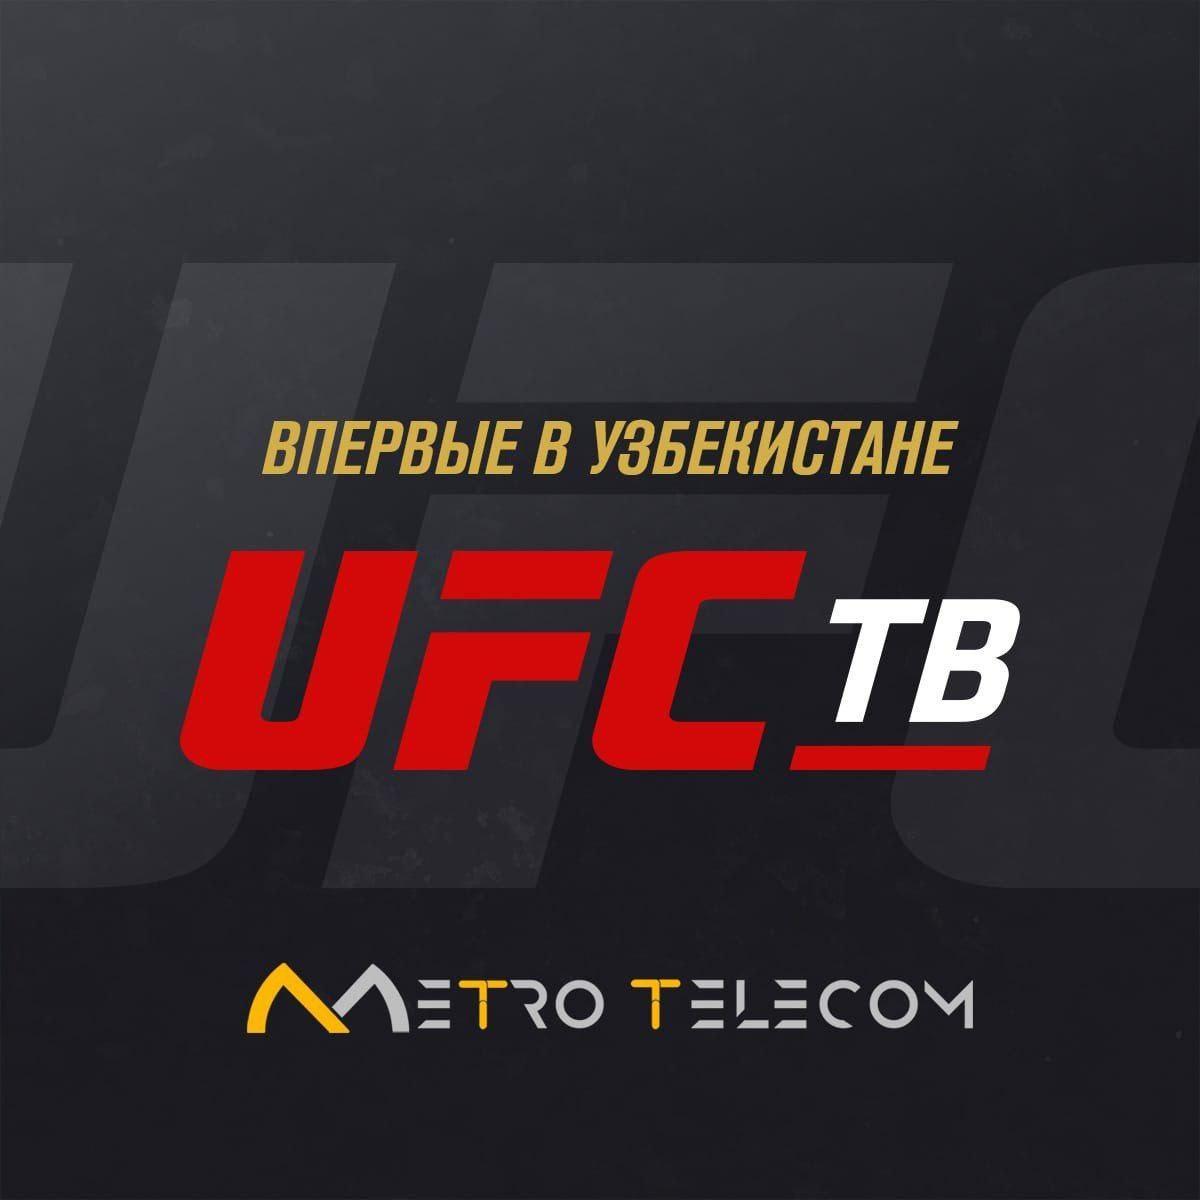 В Узбекистане запущен новый телеканал UFС ТВ